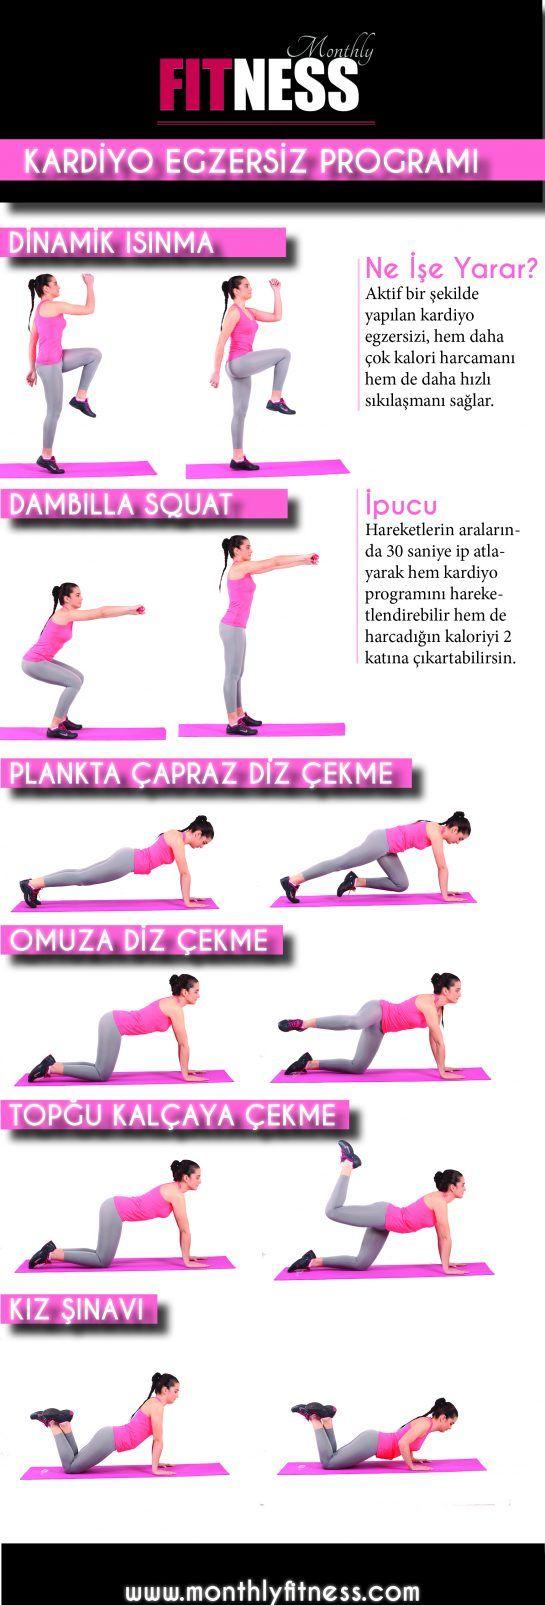 Bikini vücudu Kardiyo Egzersiz Programı -  nurcan arıcan - Fitness/pilates